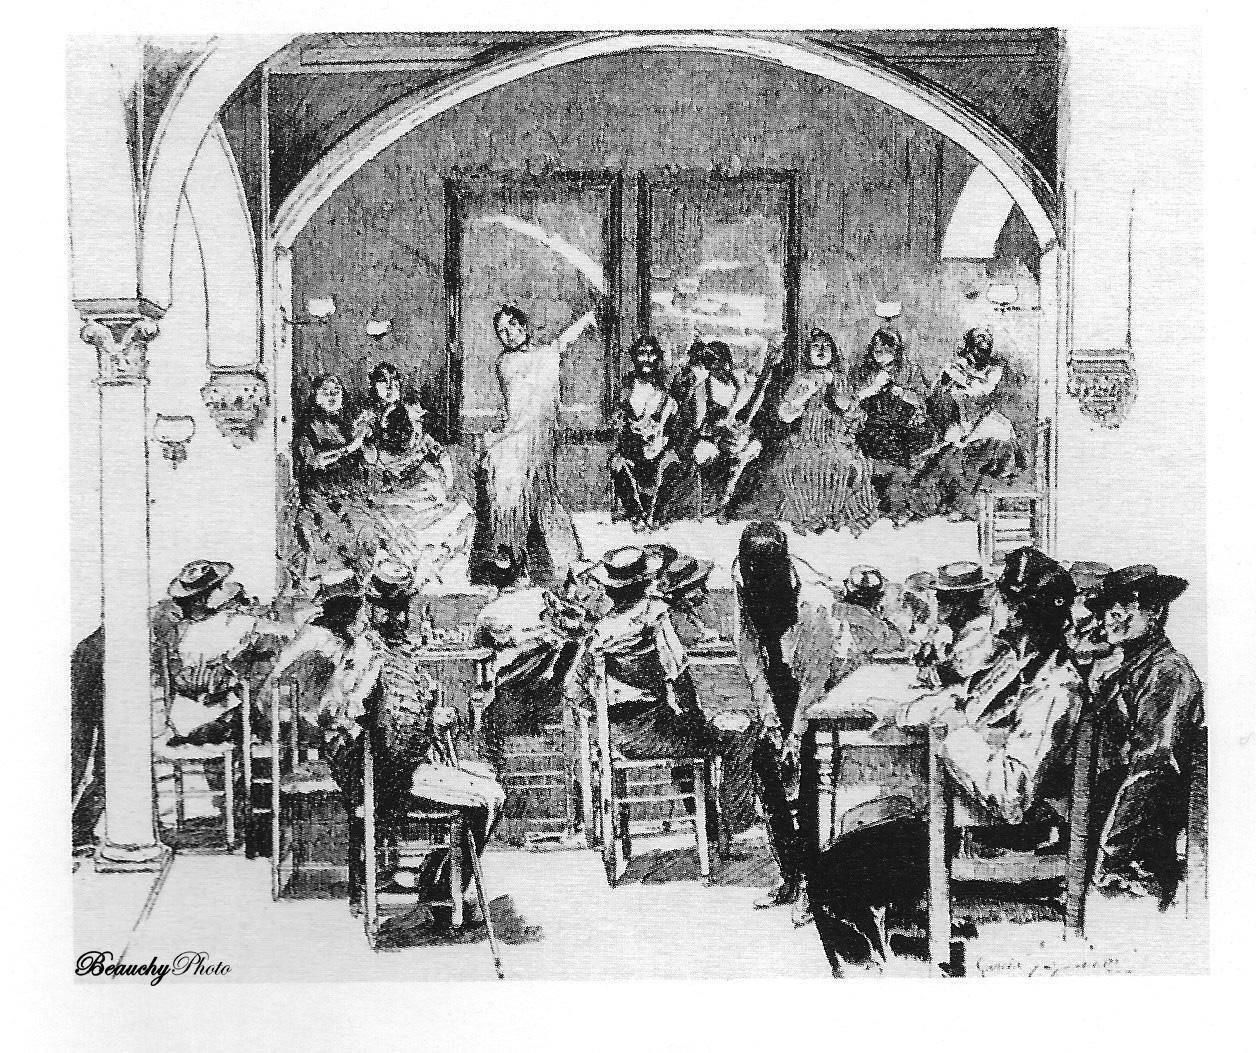 Dibujo inspirado en la fotografía del Café Cantante El Burrero de Emilio Beauchy Cano